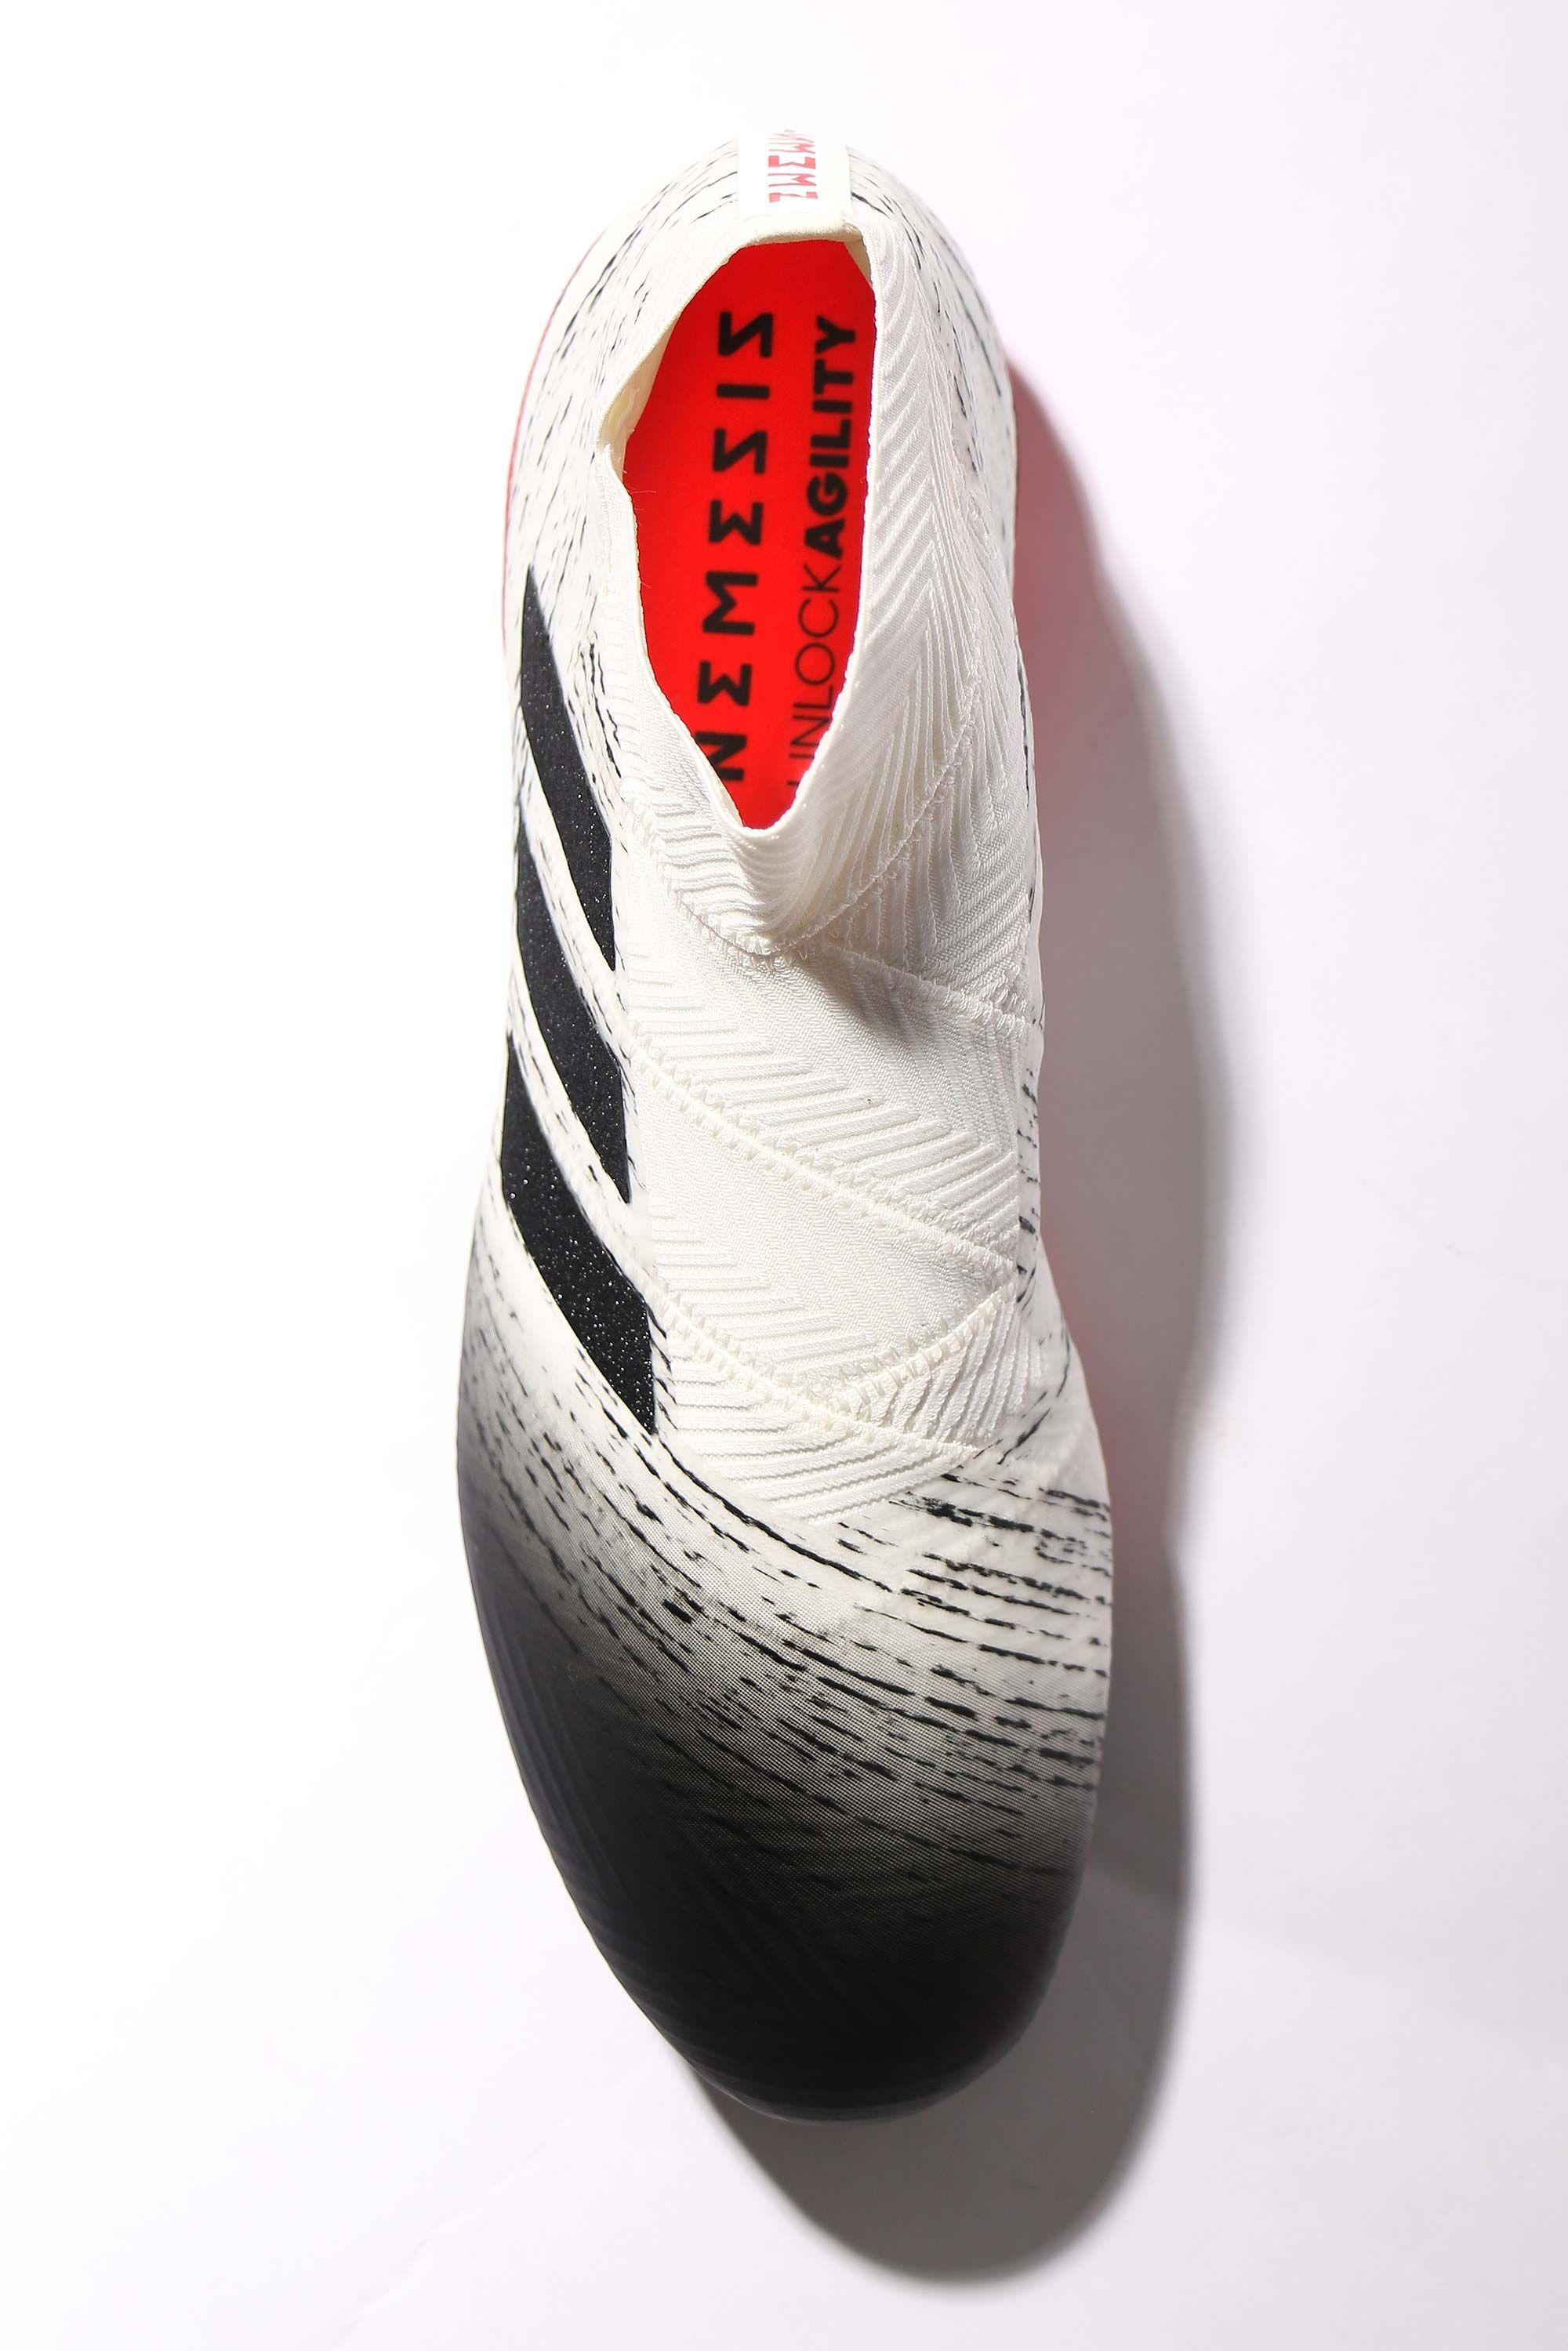 Buy > adidas scarpe calcio 2014 > OFF 24% | medical